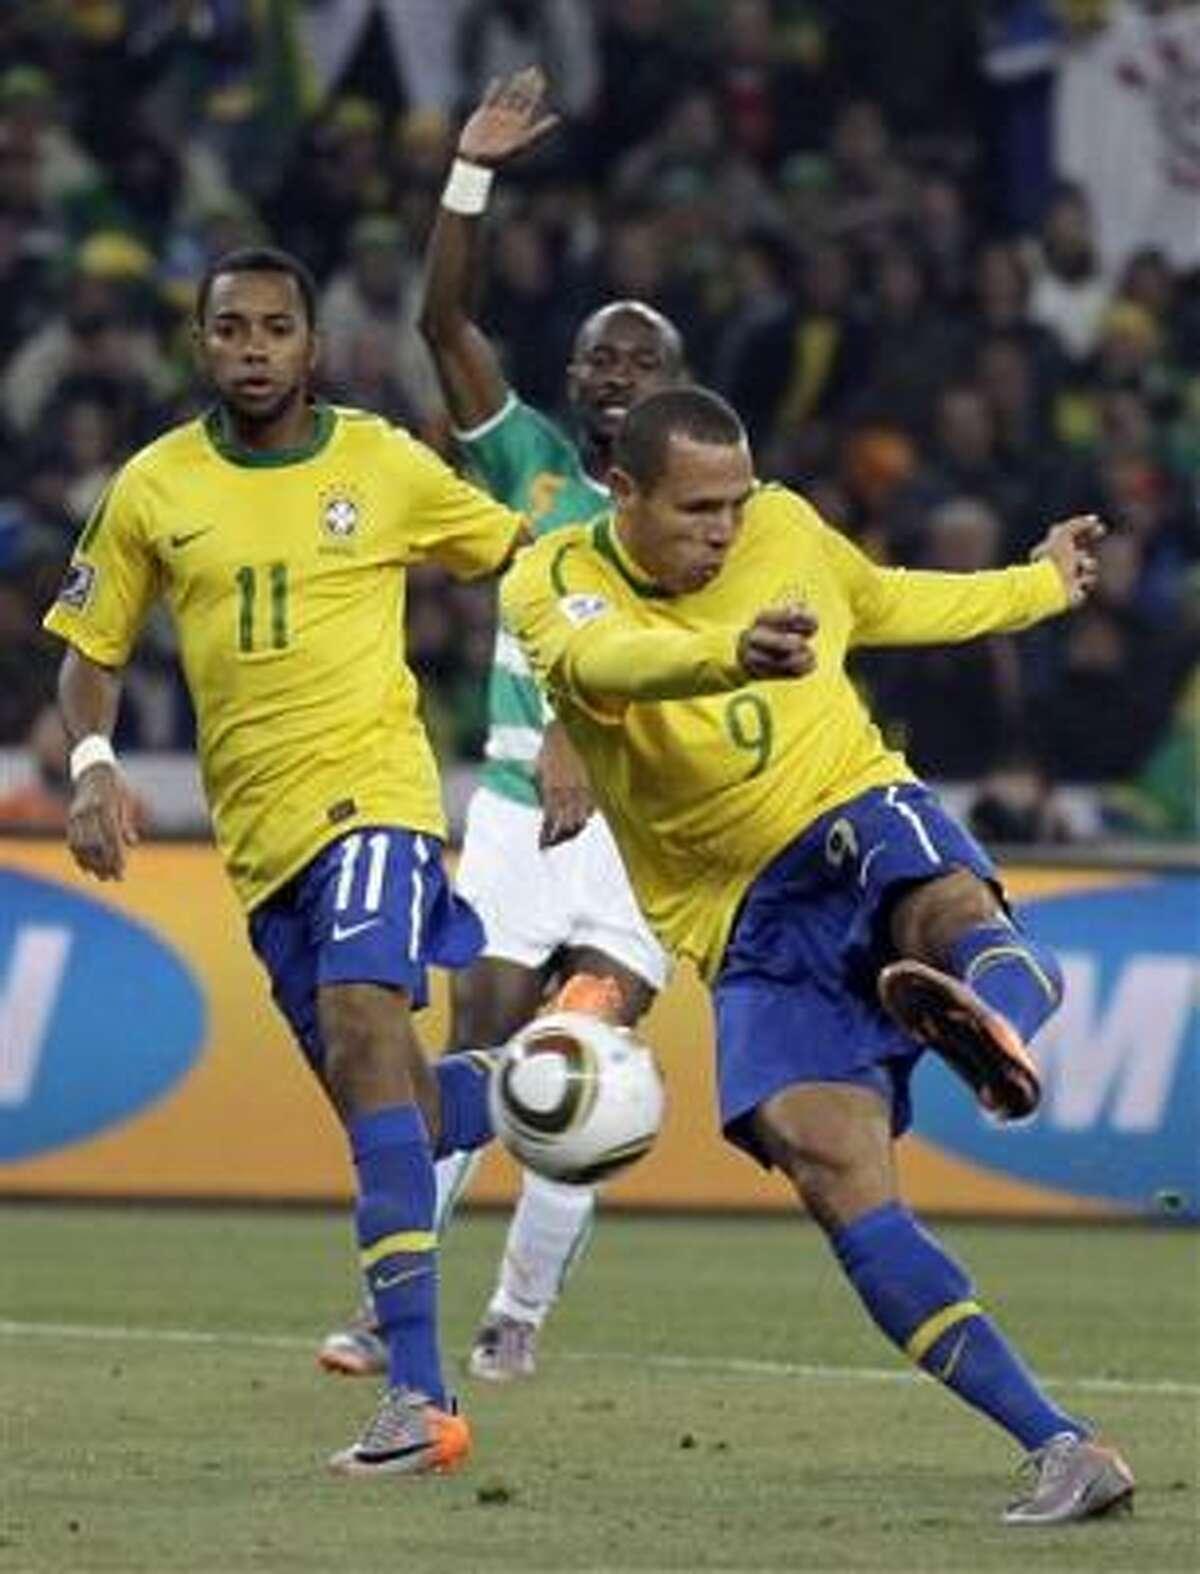 El brasileño Luis Fabiano (9) anota su segundo gol ante Costa de Marfil.